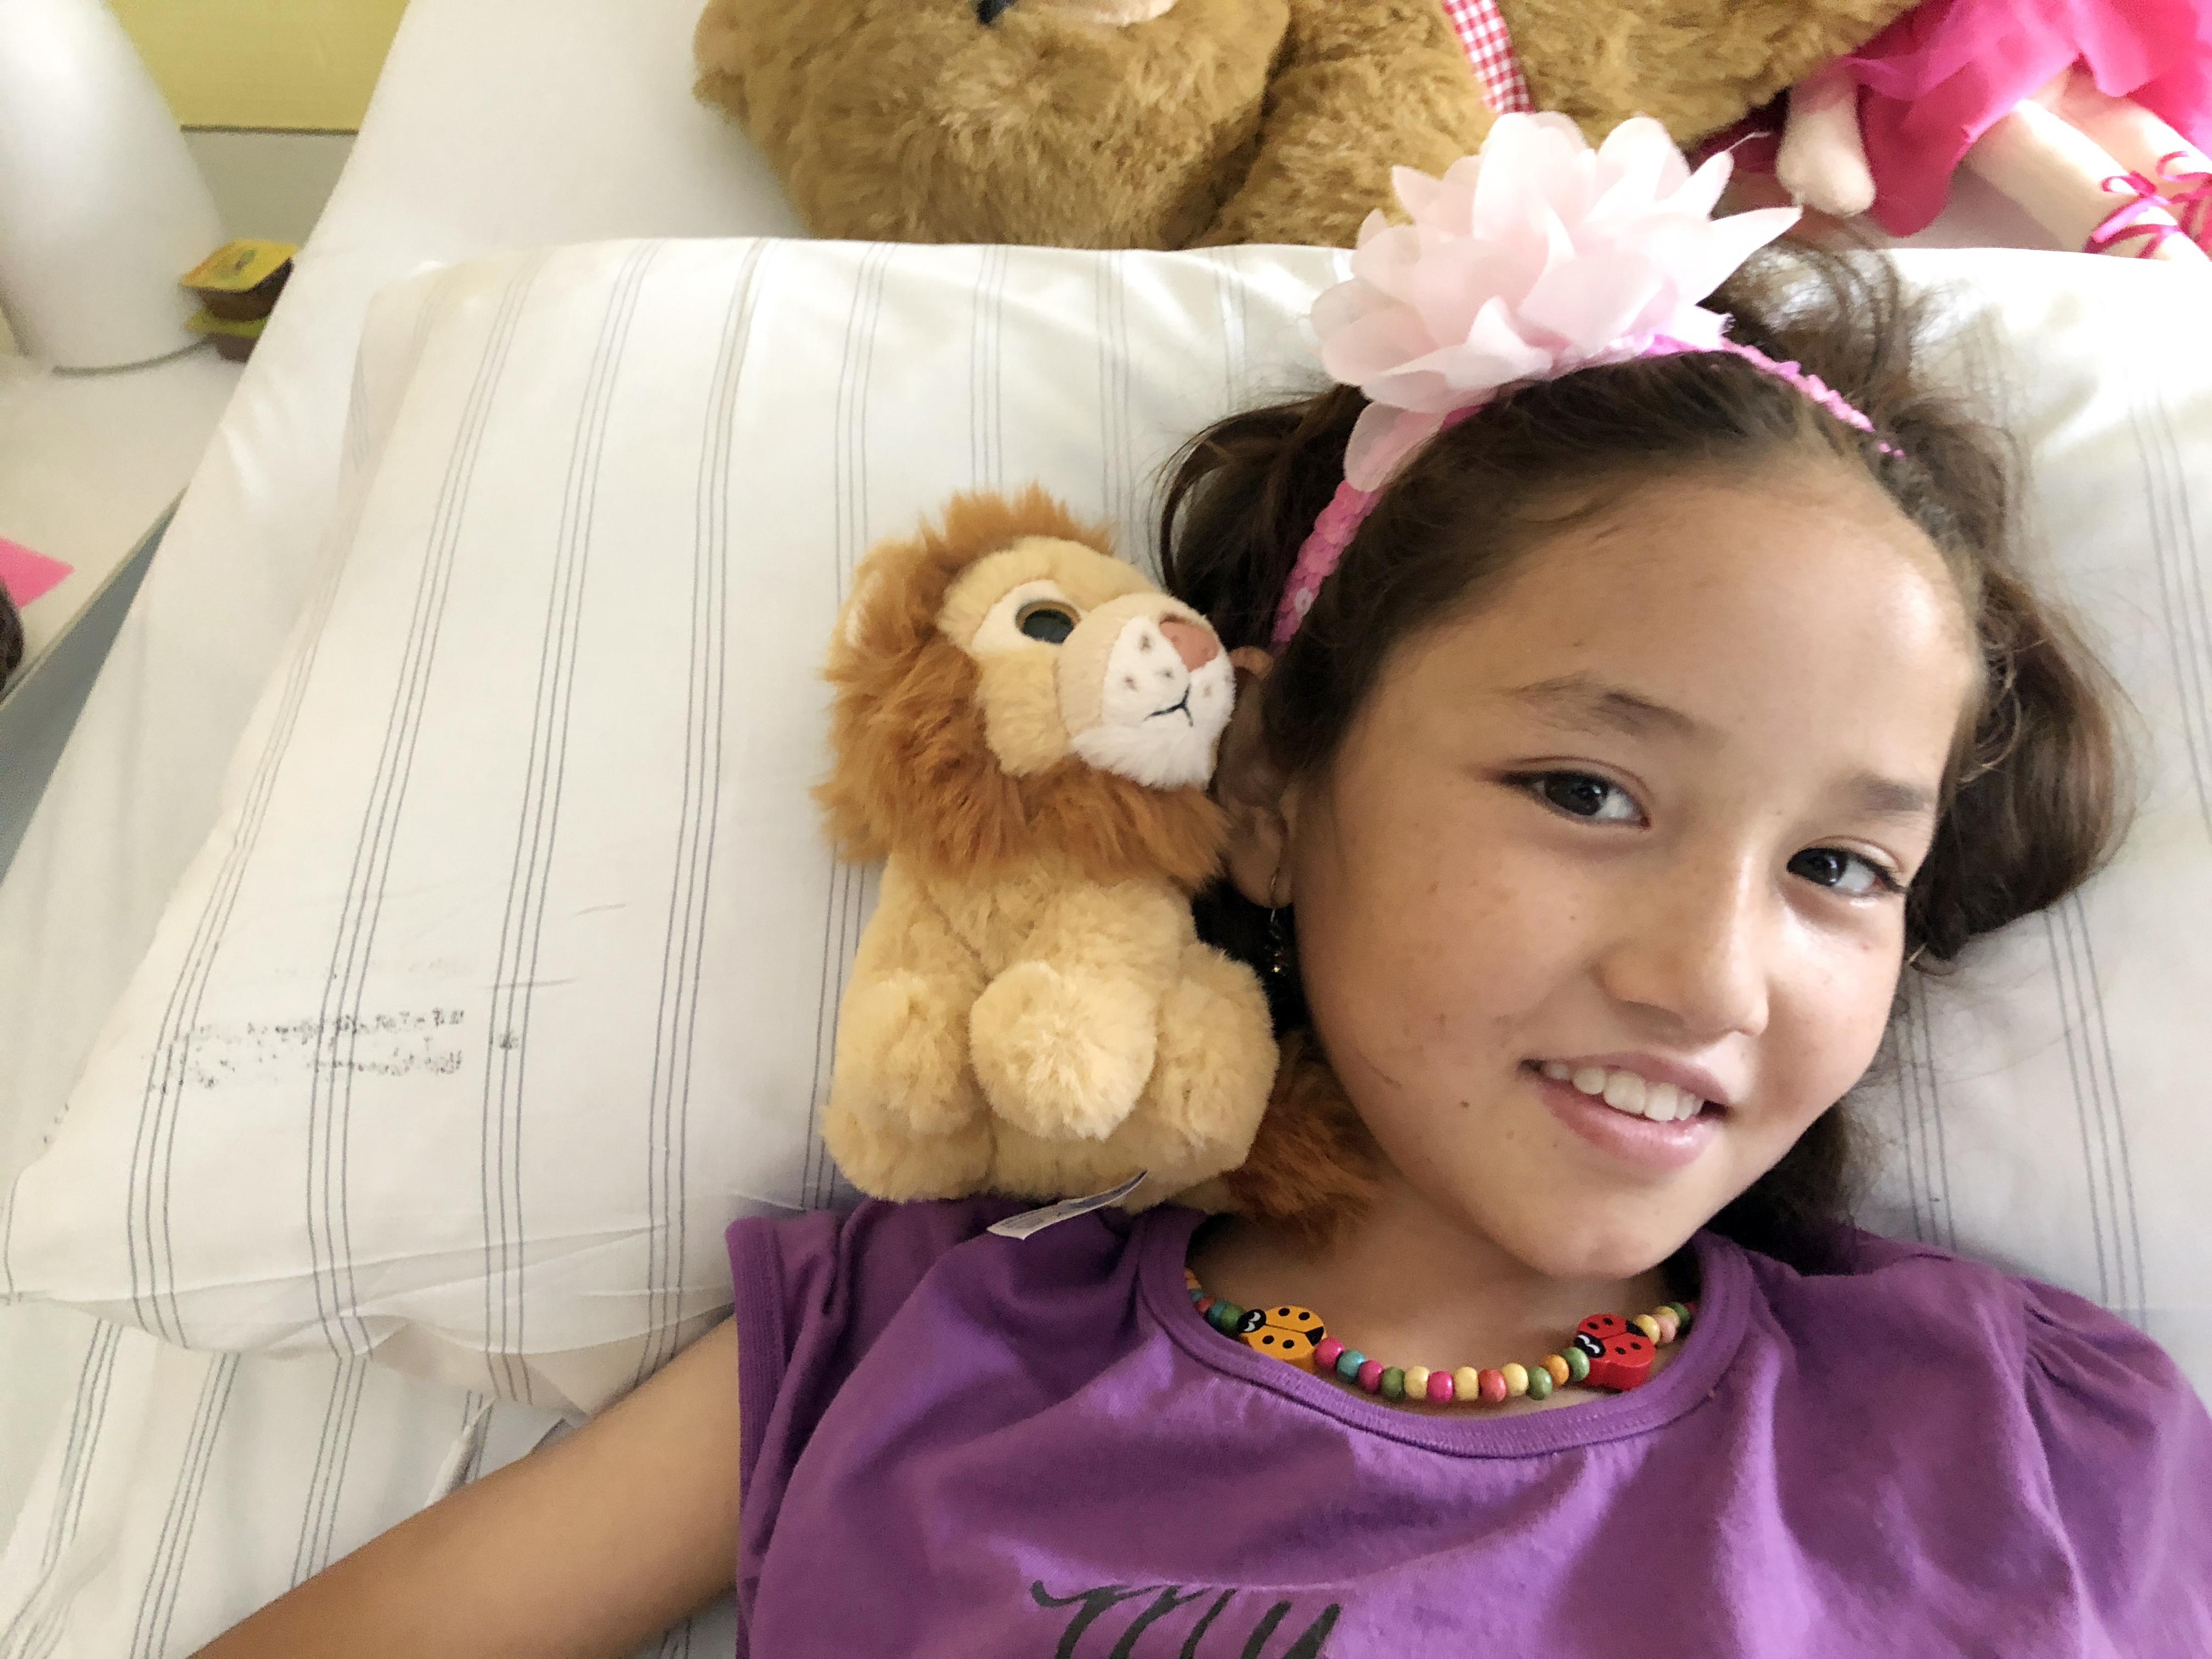 Rokia ist sechs Jahre alt und stammt aus Afghanistan. In der Dortmunder Kinderklinik ist sie an der Hüfte operiert worden. Sie ist etwas schüchtern in der fremden Umgebung und zugleich sehr tapfer. Foto: Bandermann, Ruhrnachrichten Dortmund